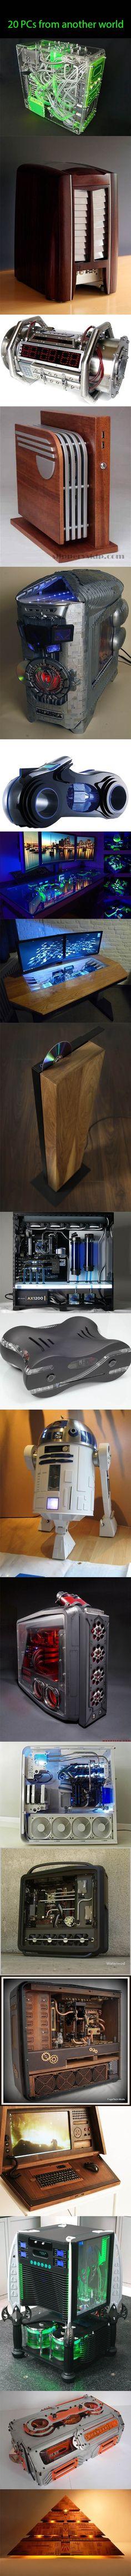 Cool Pimped PCs